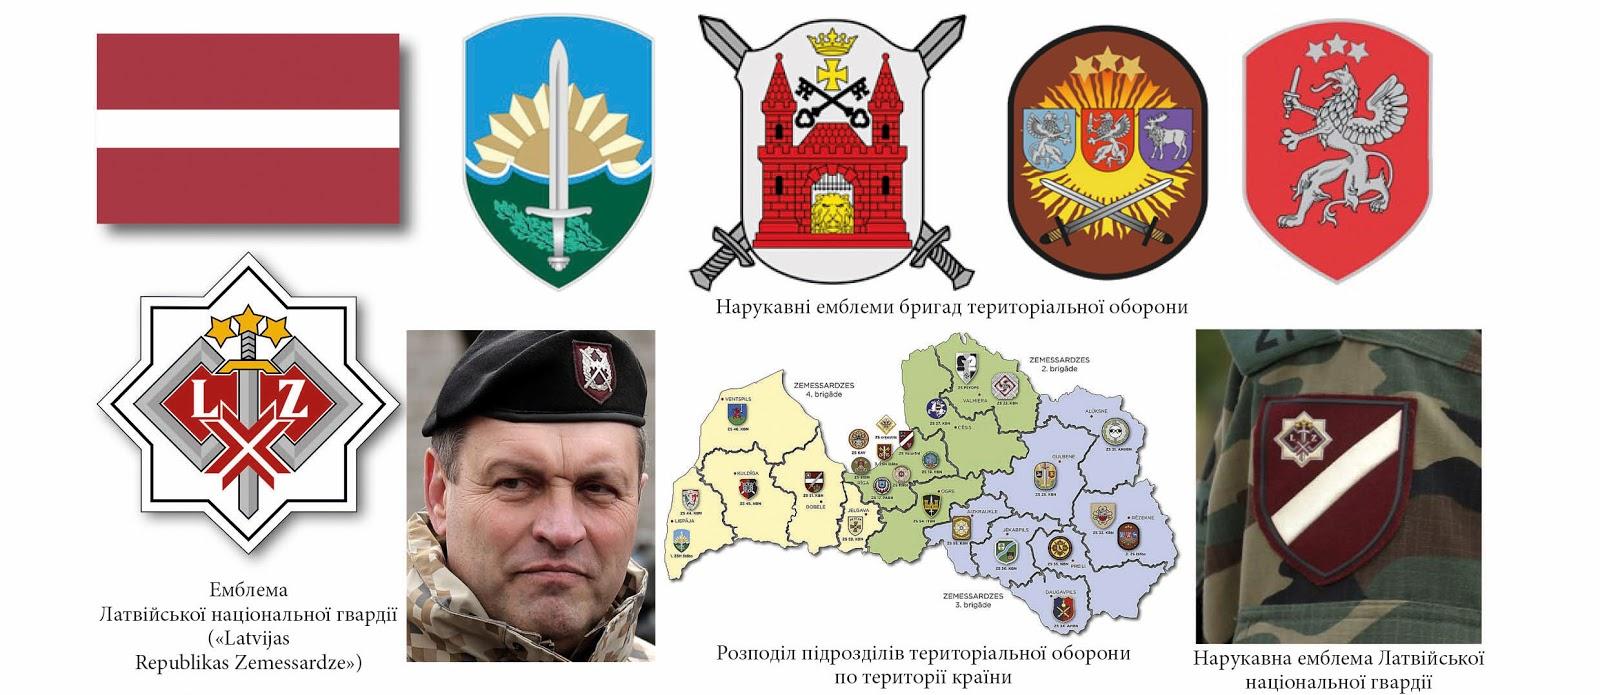 нарукавні емблеми тероборони ЗС Латвії